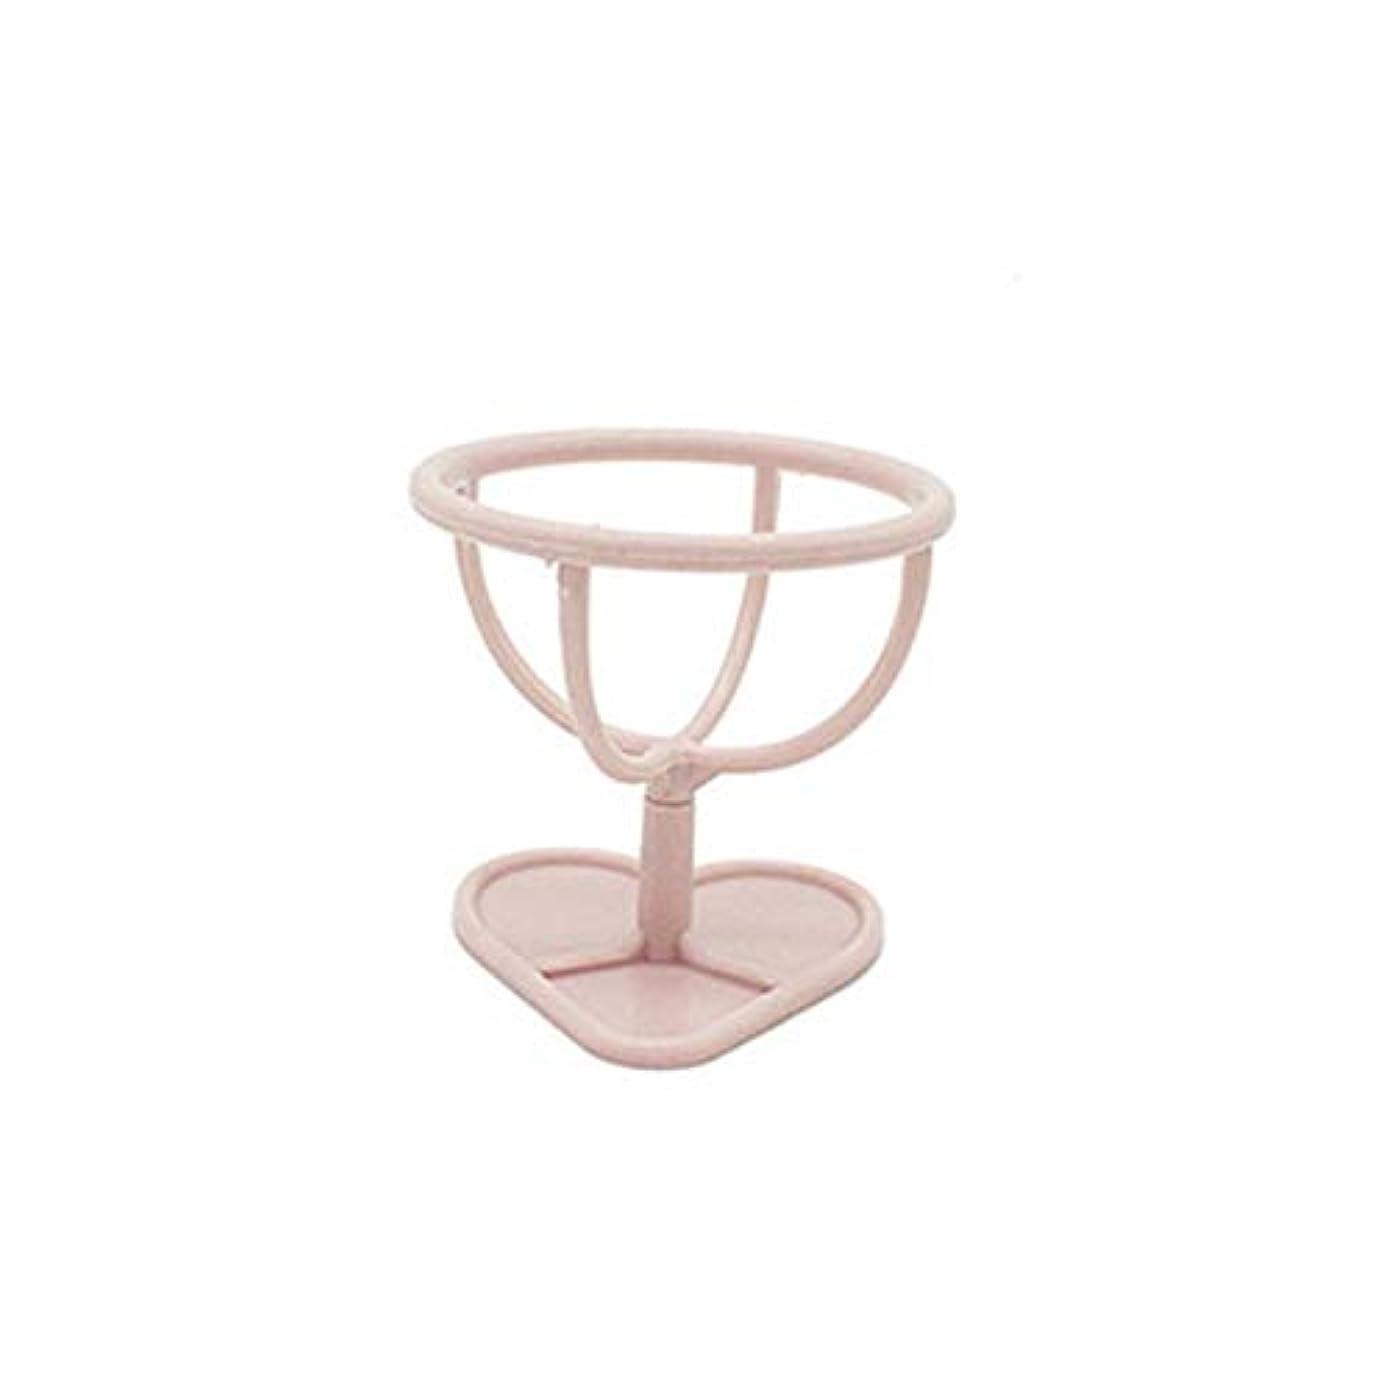 指発掘ファセットパフ美容メイクスポンジホルダー化粧品スポンジスタンド卵粉パフ収納ラックドライヤー化粧オーガナイザー棚ツールキット(Color:pink)